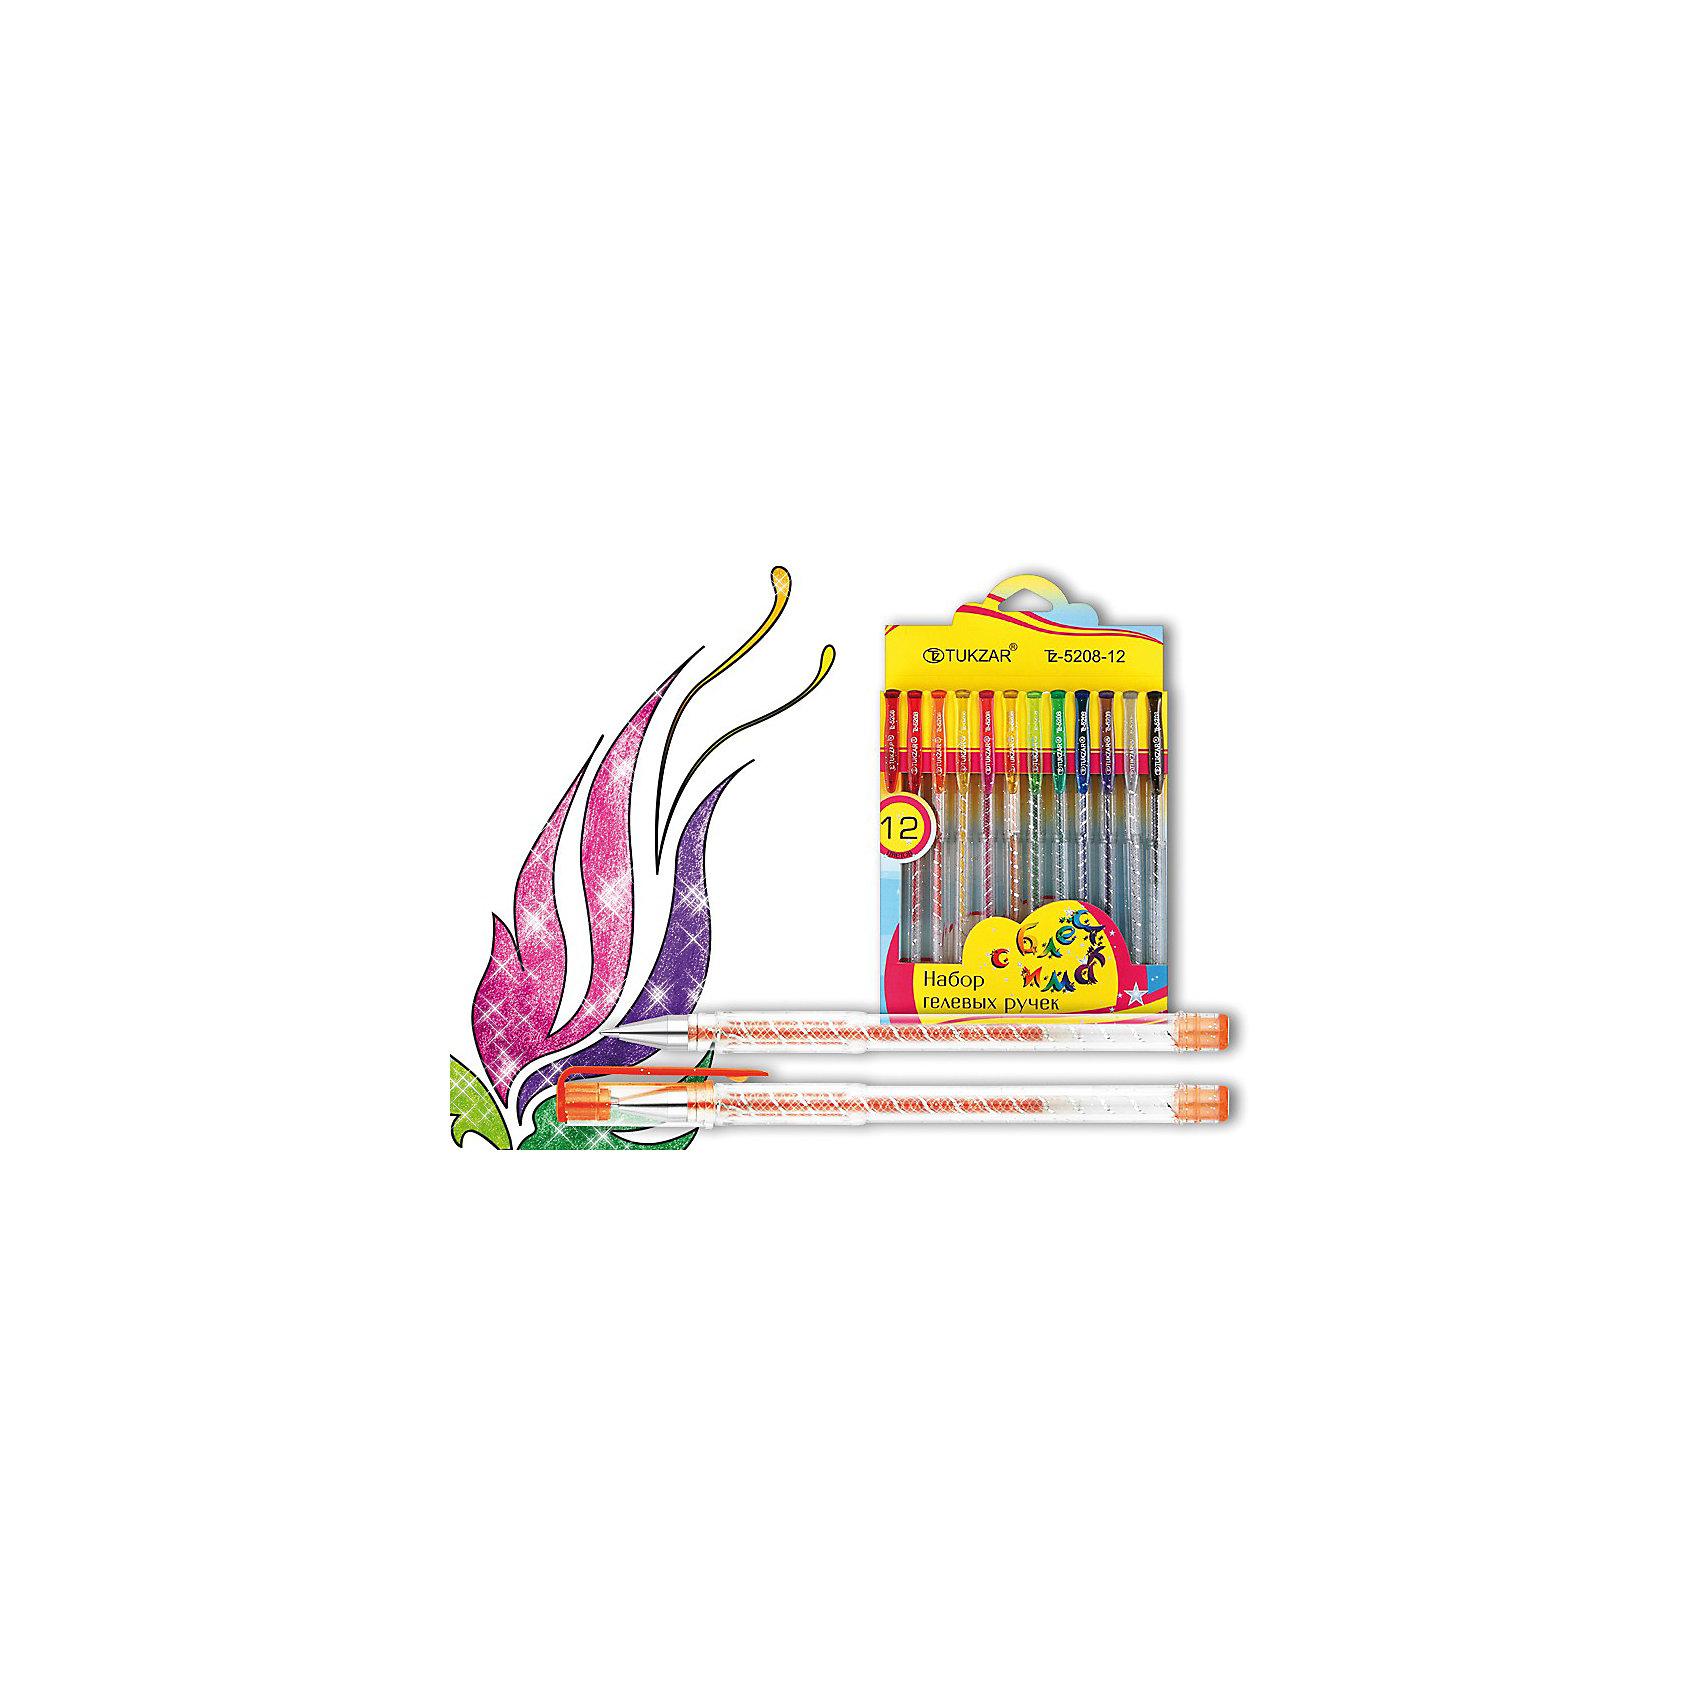 TUKZAR Набор гелевых ручек суперметаллик 12 цв.Набор гелевых ручек суперметаллик: Прозрачный пластиковый корпус с блестками; колпачок с клипом, чернила - суперметаллик с блестками, в упаковке с европодвесом, 12 цветов.<br><br>Ширина мм: 208<br>Глубина мм: 112<br>Высота мм: 12<br>Вес г: 99<br>Возраст от месяцев: 36<br>Возраст до месяцев: 1188<br>Пол: Унисекс<br>Возраст: Детский<br>SKU: 3098126